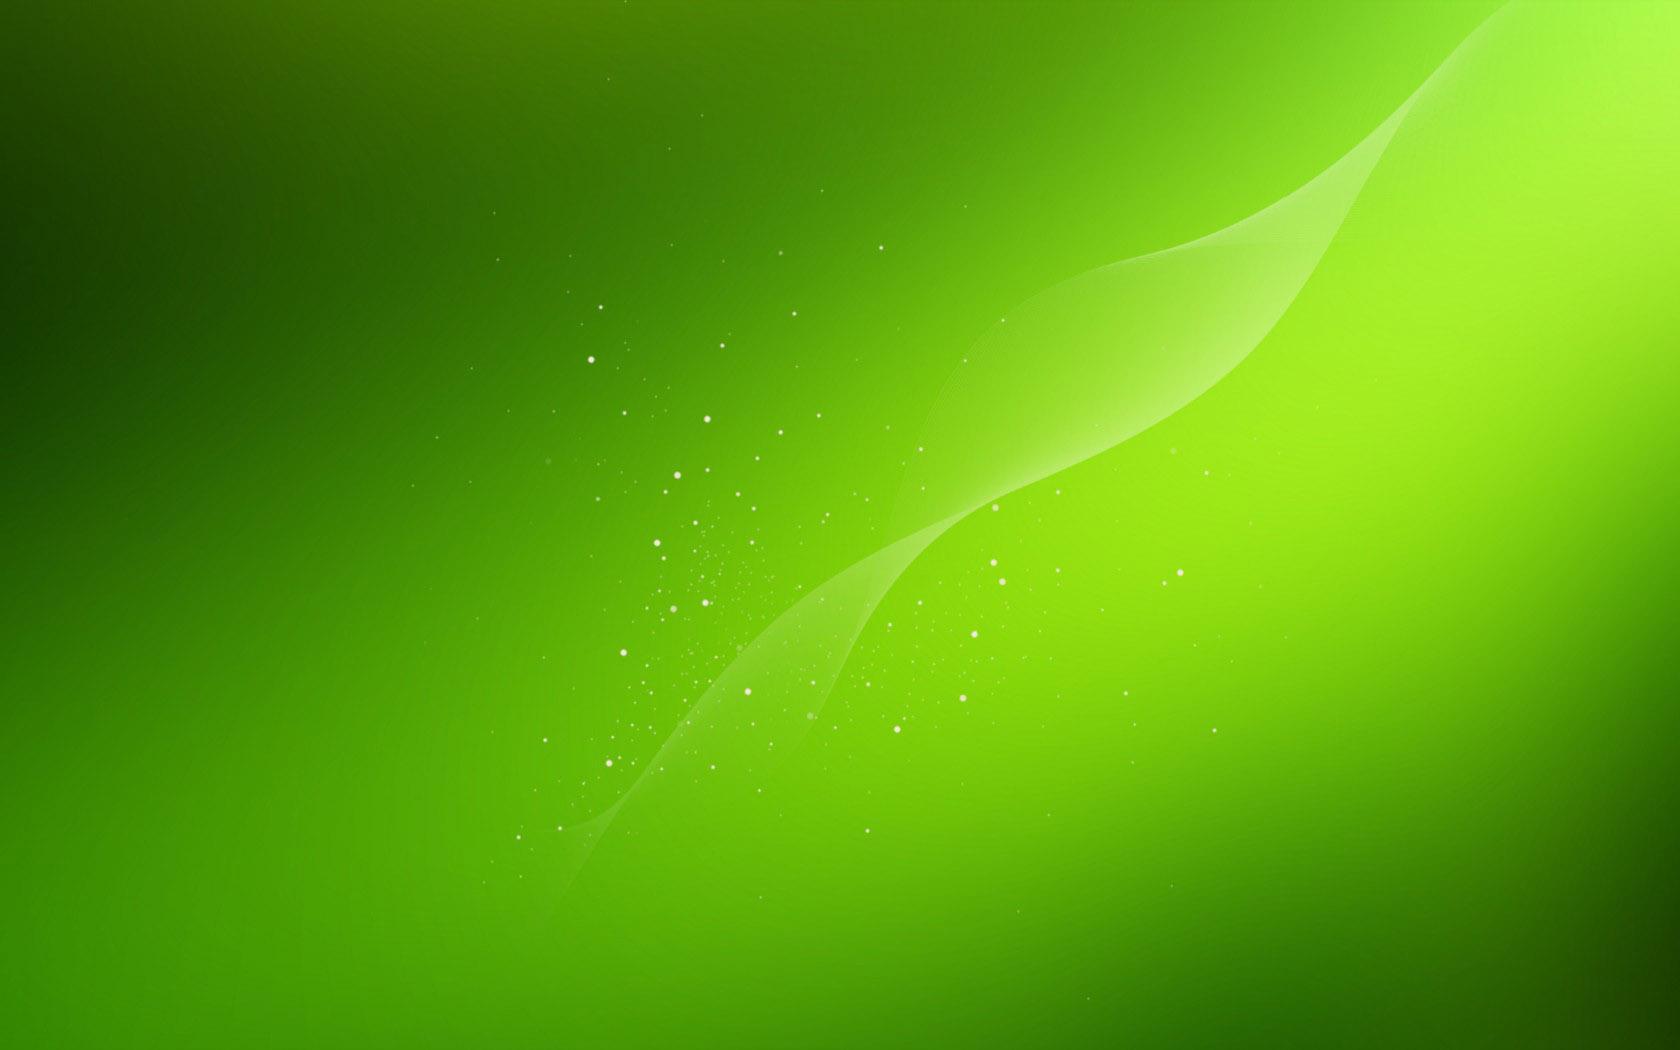 green wallpaper 17318